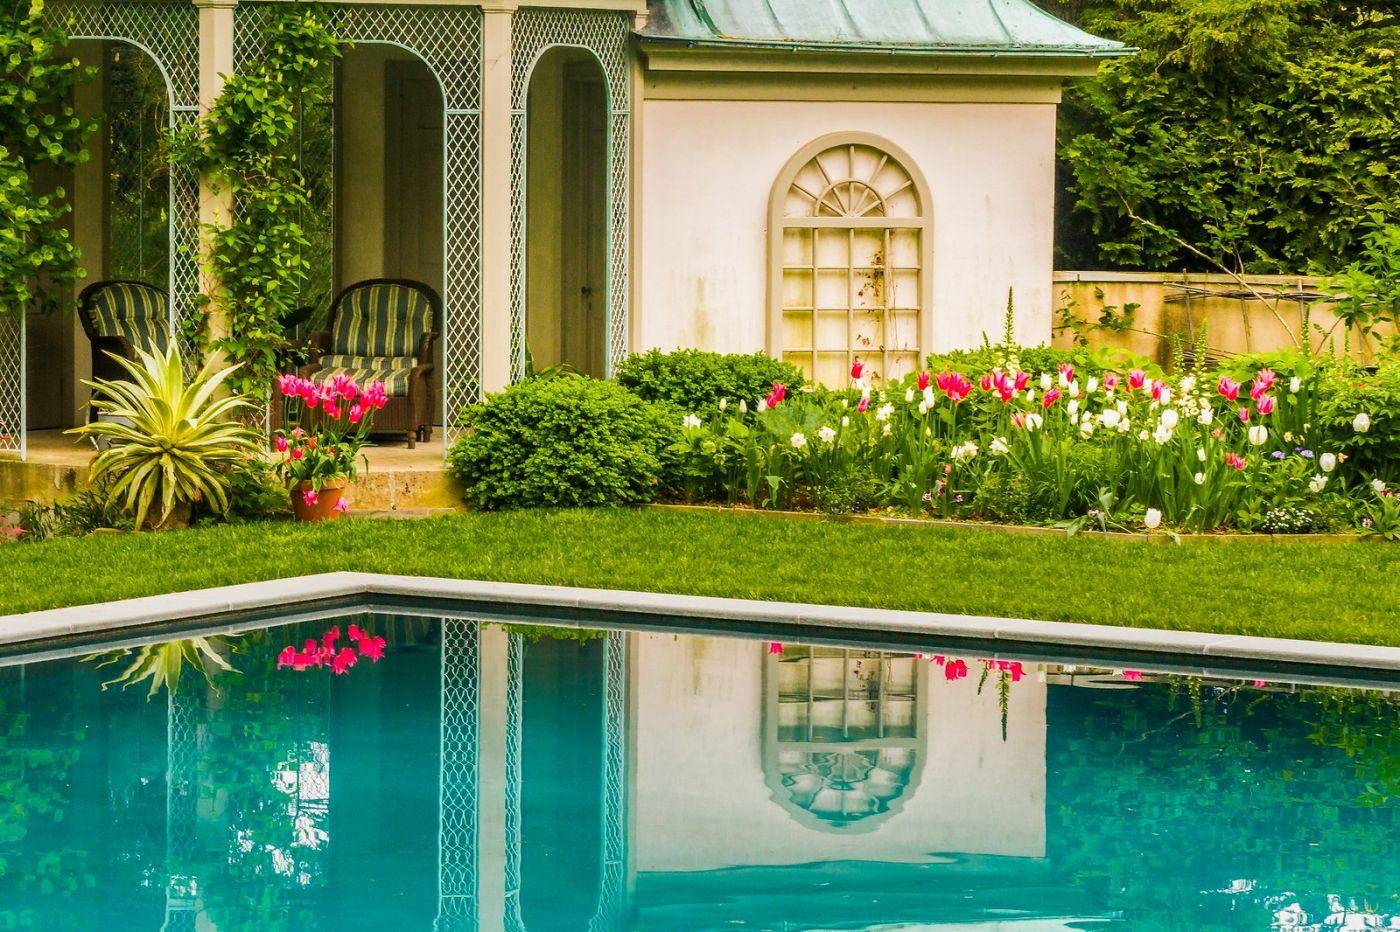 Chanticleer花园,花房泳池_图1-31